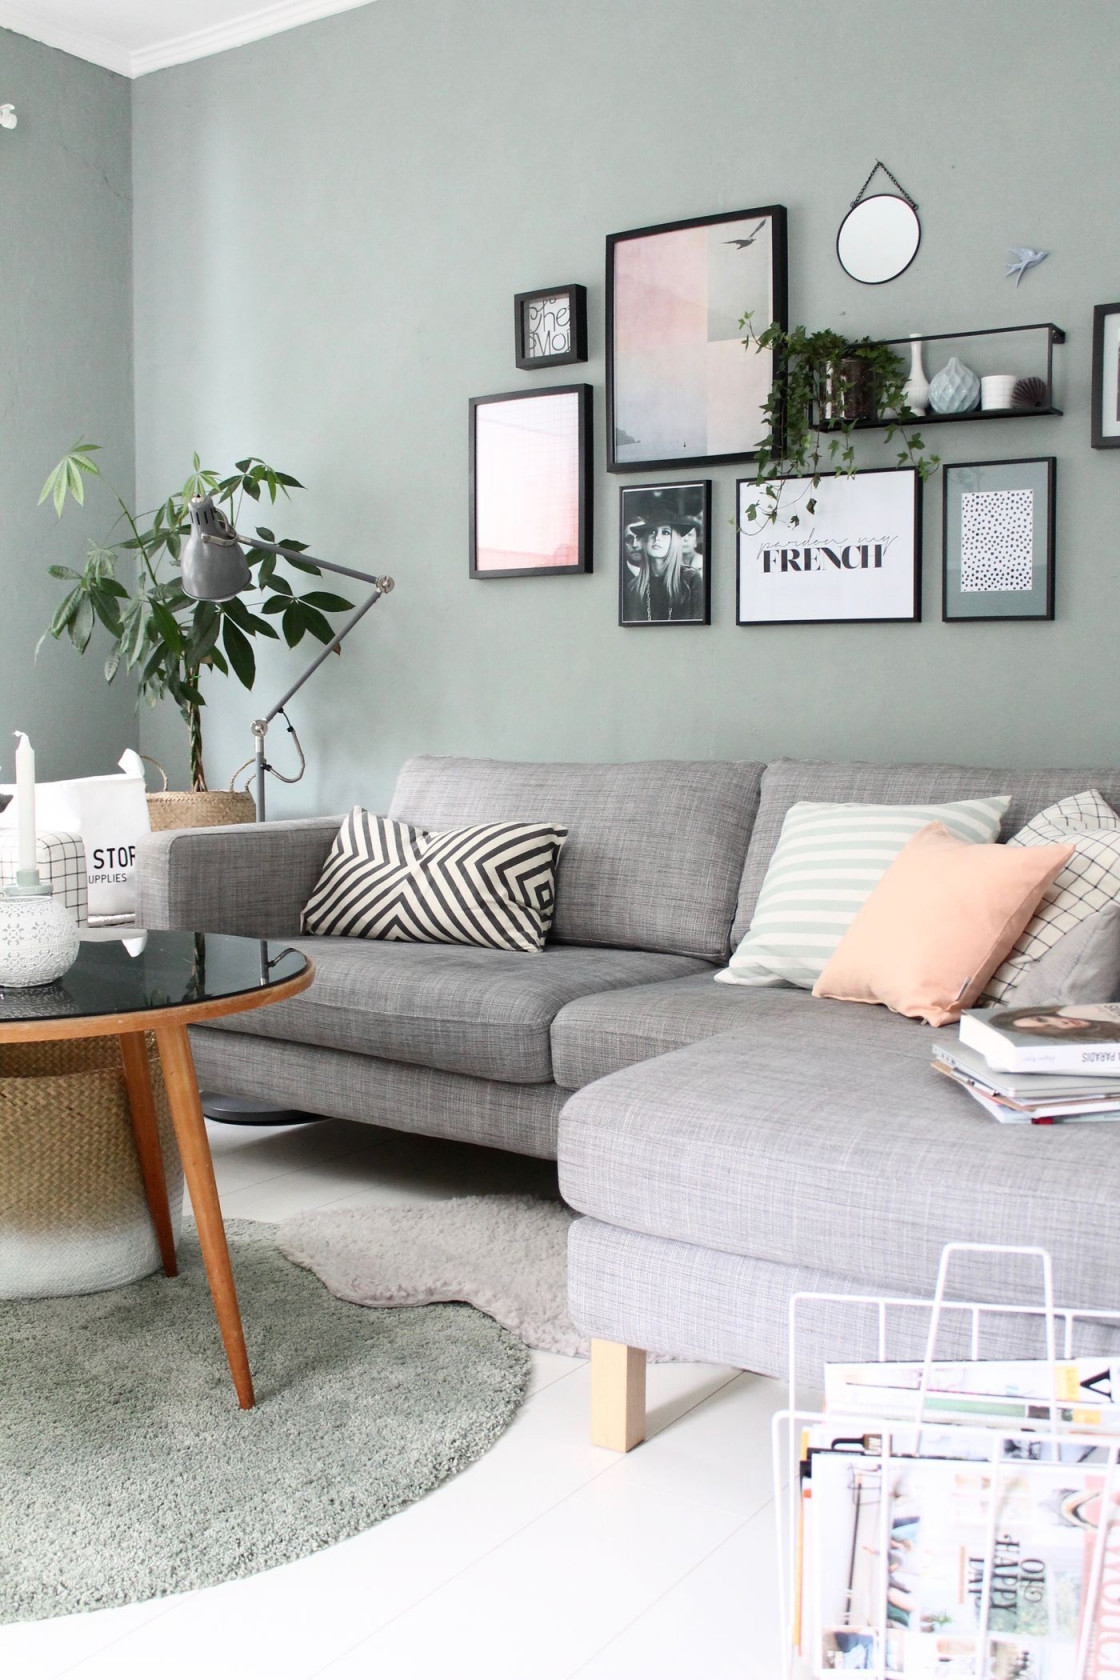 Die Schönsten Ideen Mit Der Wandfarbe Türkis von Wohnzimmer Ideen Türkis Photo